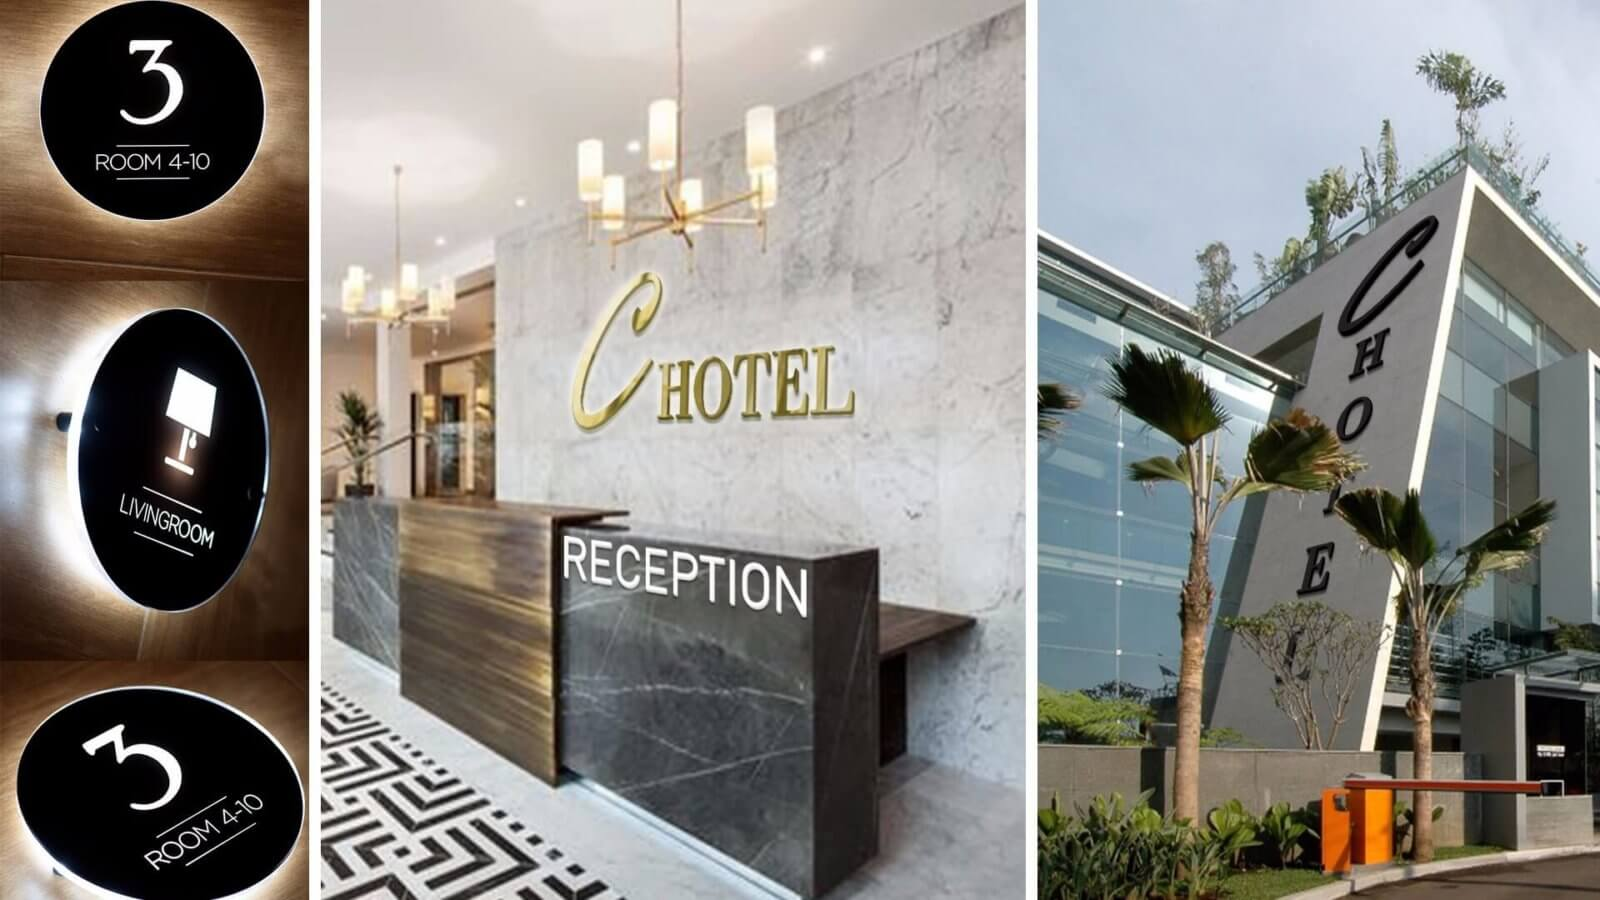 אינטואיציה- עיצוב פנים וחוץ למלון